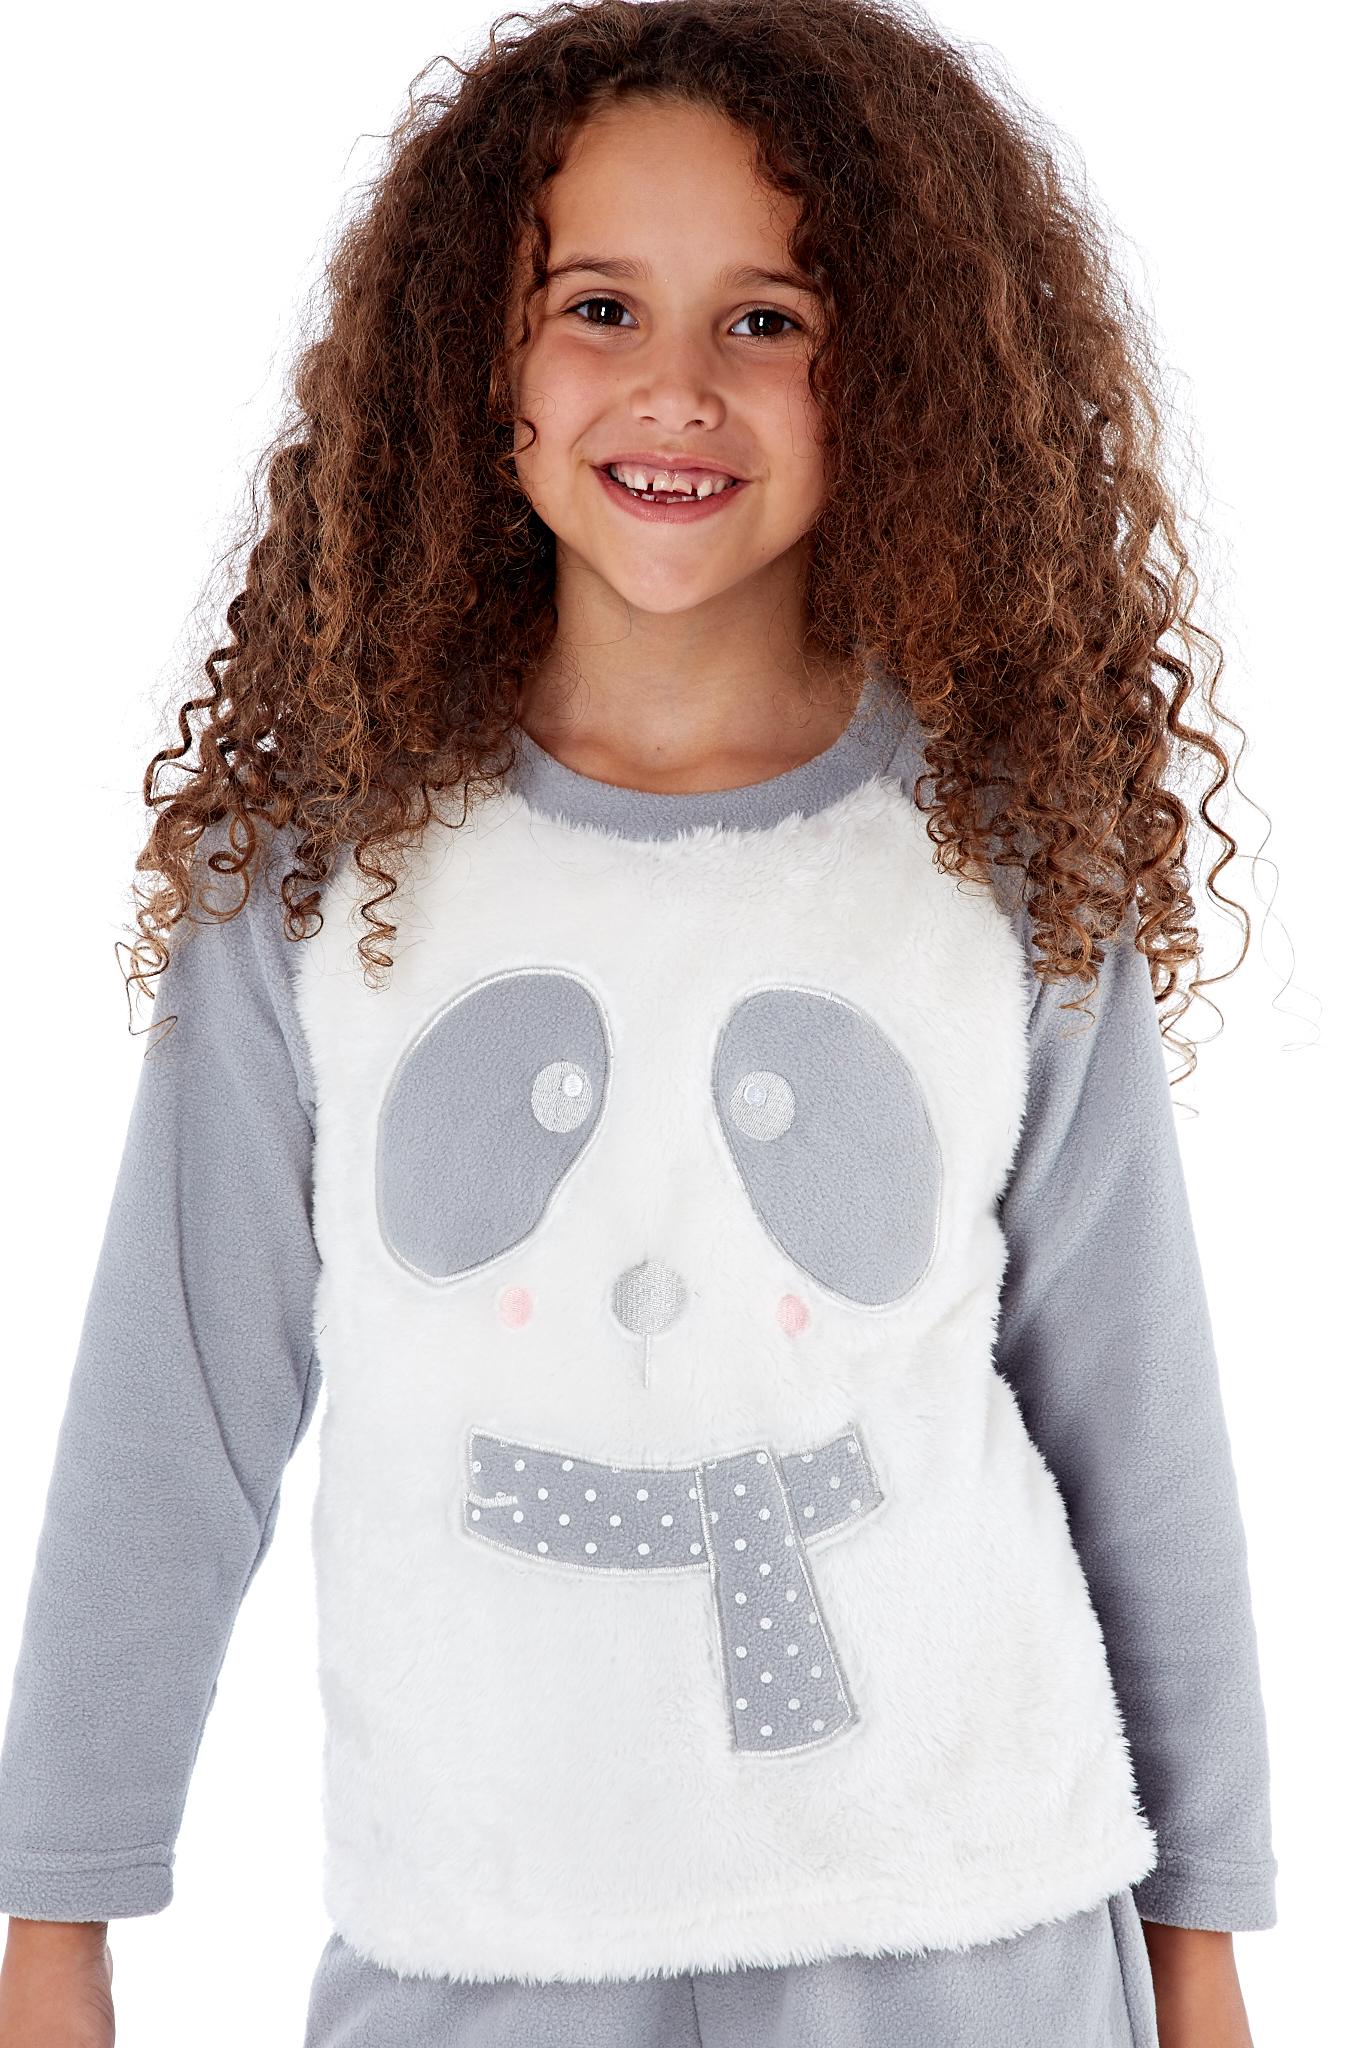 Selena Secrets filles Cici love me ou écharpe Bear Pyjama Luxe Super Doux Pyjama